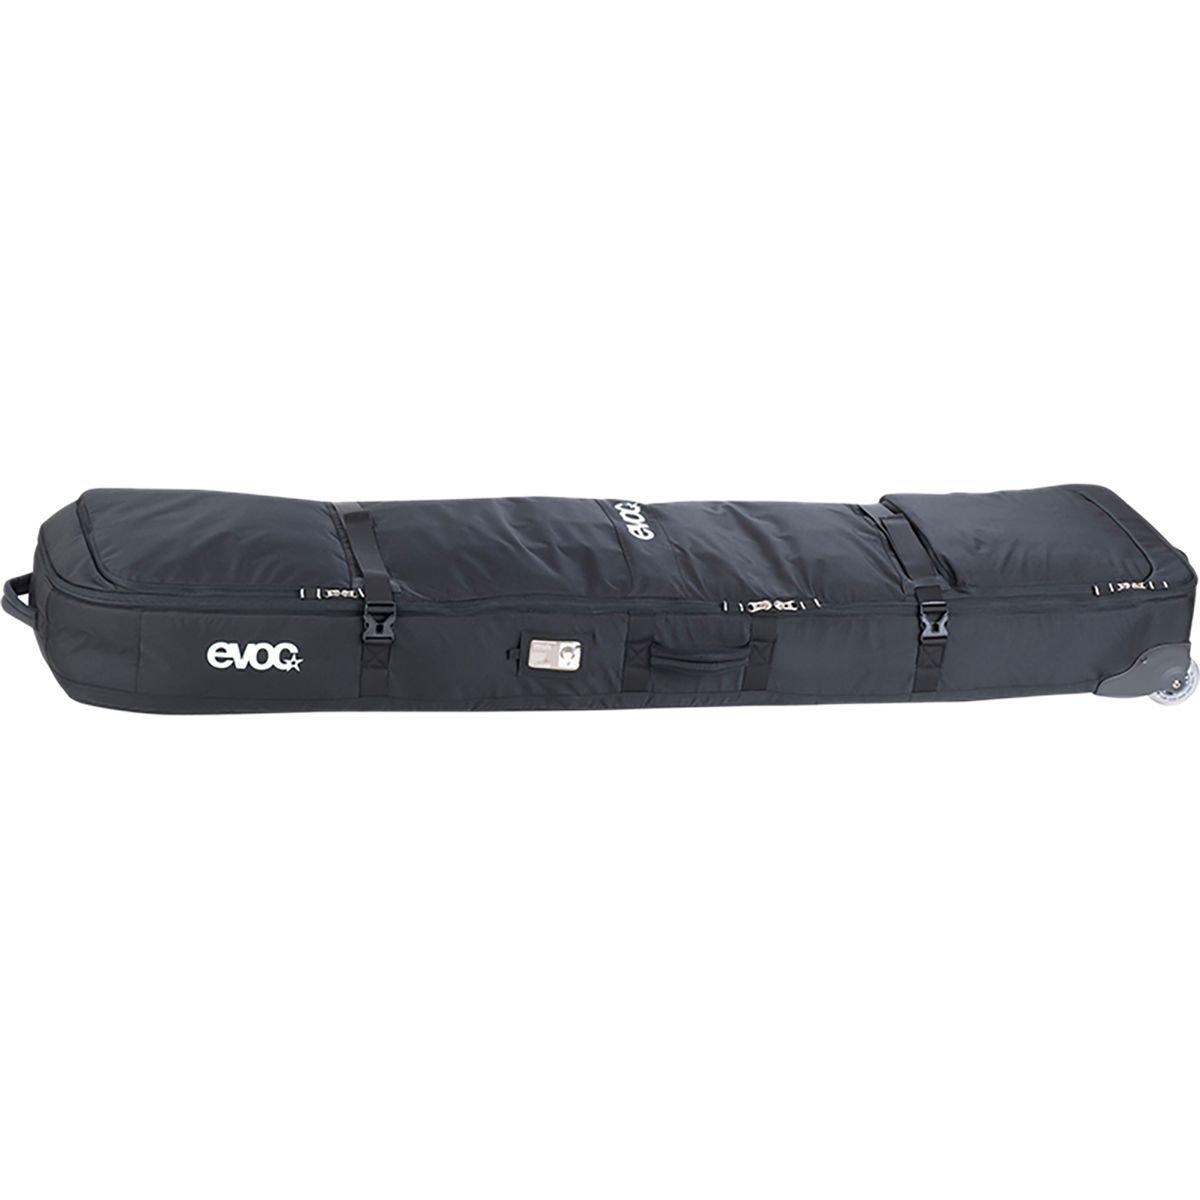 Evoc Black Gear - 110 Litre Snowboarding Roller Bag (M , Black)